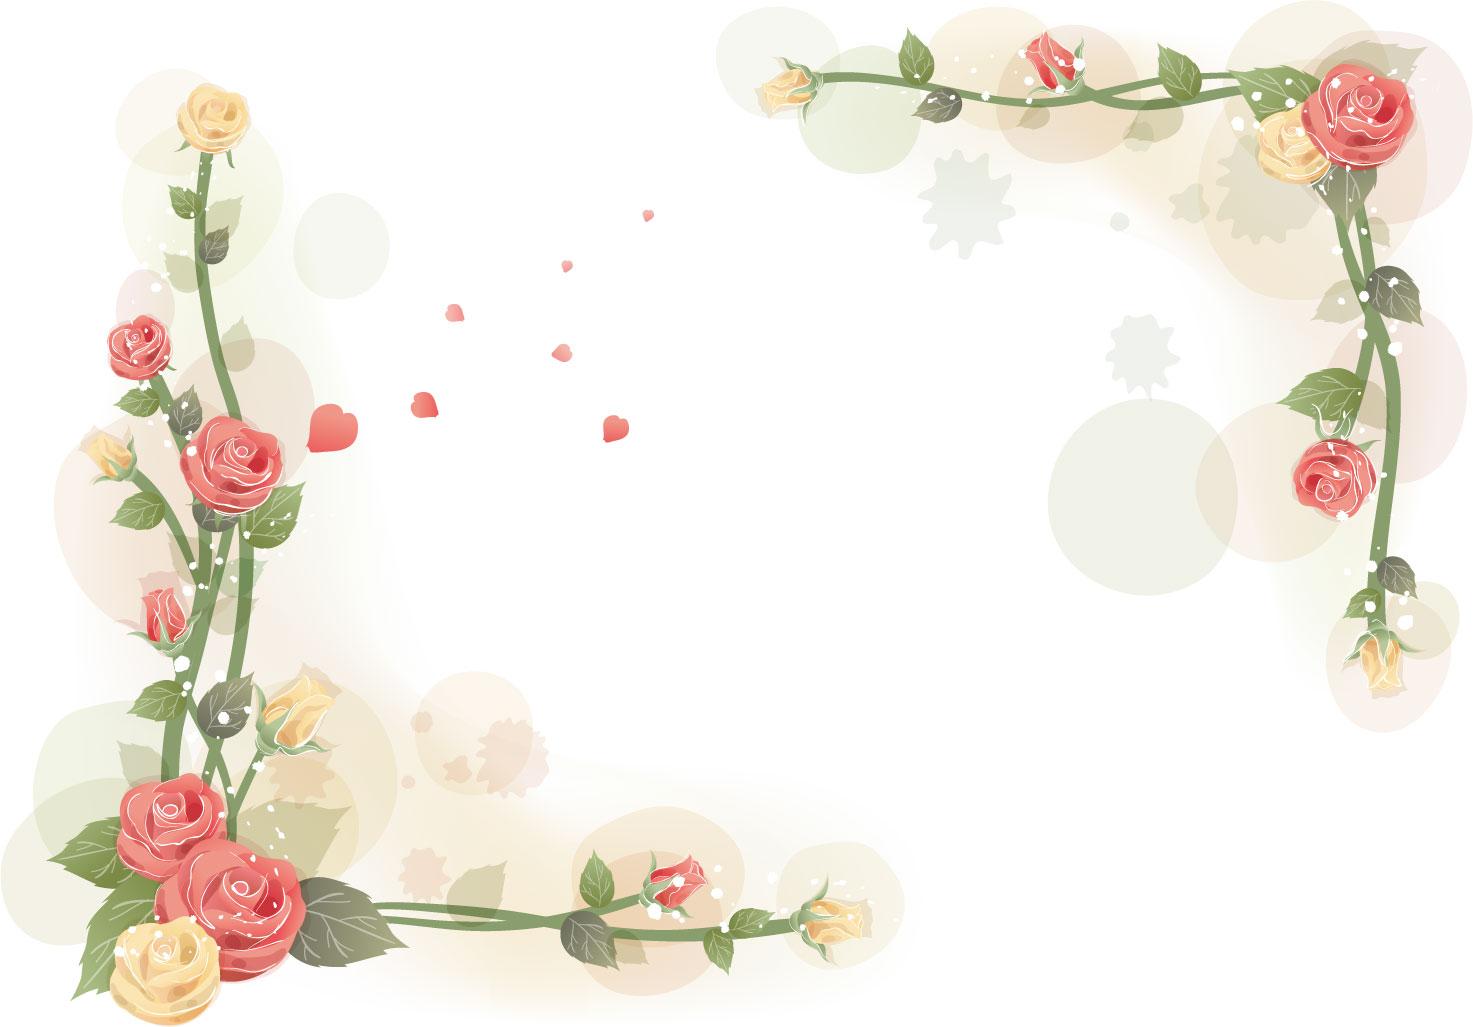 花のイラスト・フリー素材/フレーム枠no.462『赤黄のバラ・つぼみ』